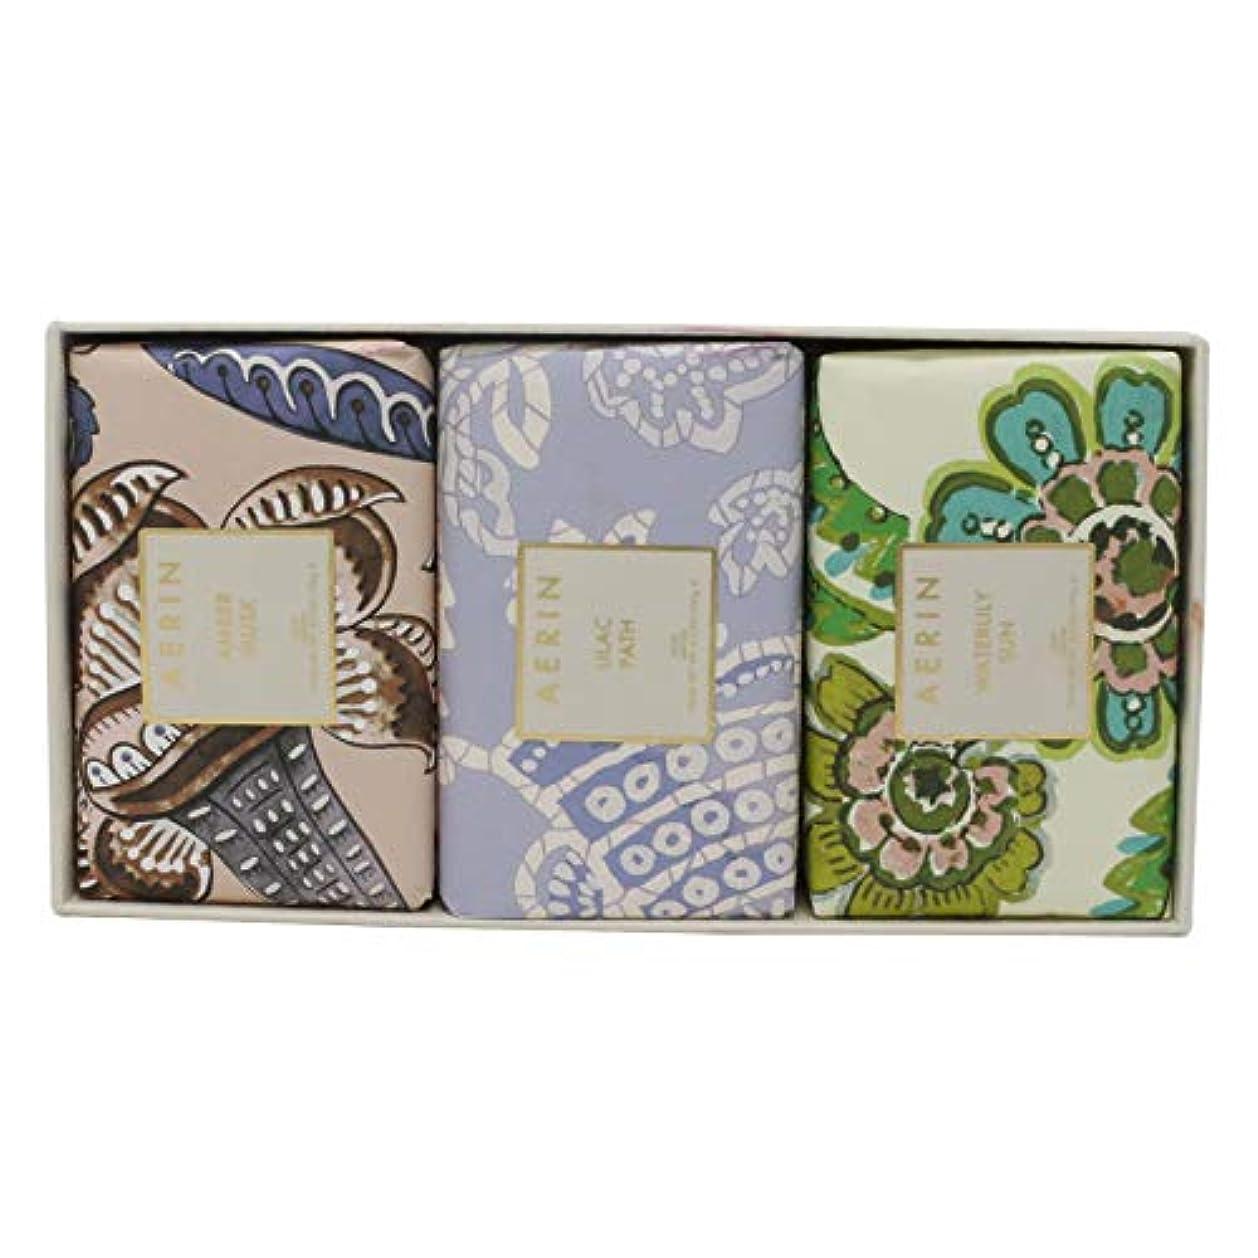 インセンティブご意見ハリケーンAERIN Beauty Soap Coffret(アエリン ビューティー ソープ コフレット ) 6.2 oz (186ml) Soap 固形石鹸 x 3個セットby Estee Lauder